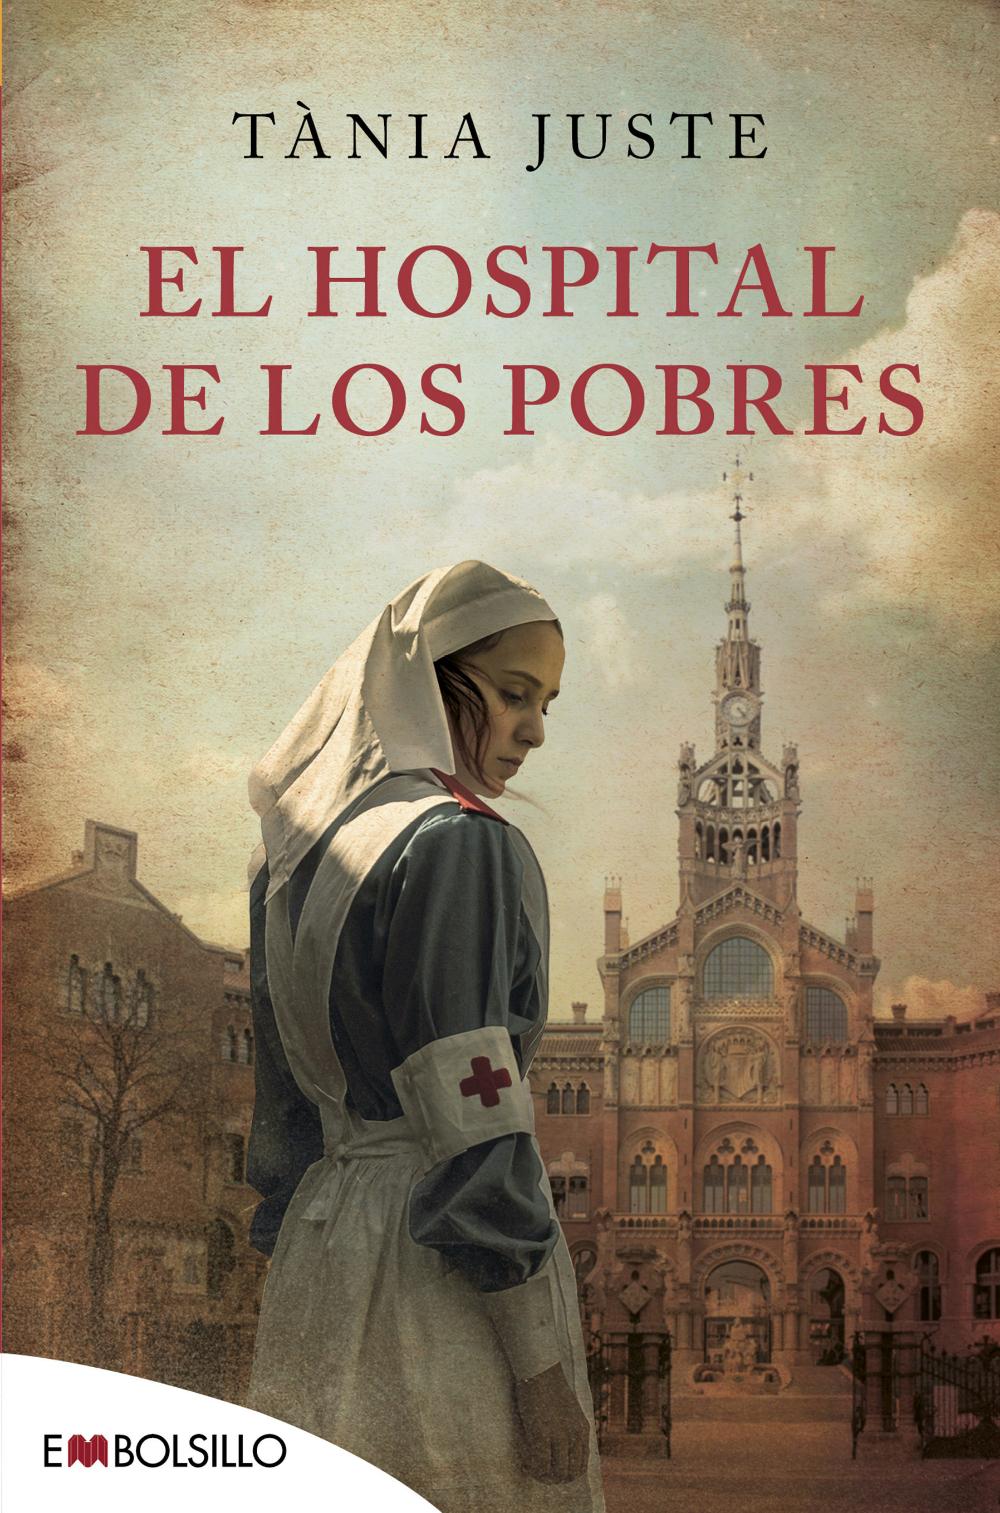 Descargar Libro Lo Que Quiero Lo Consigo El Hospital De Los Pobres Tania Juste Comprar Libro